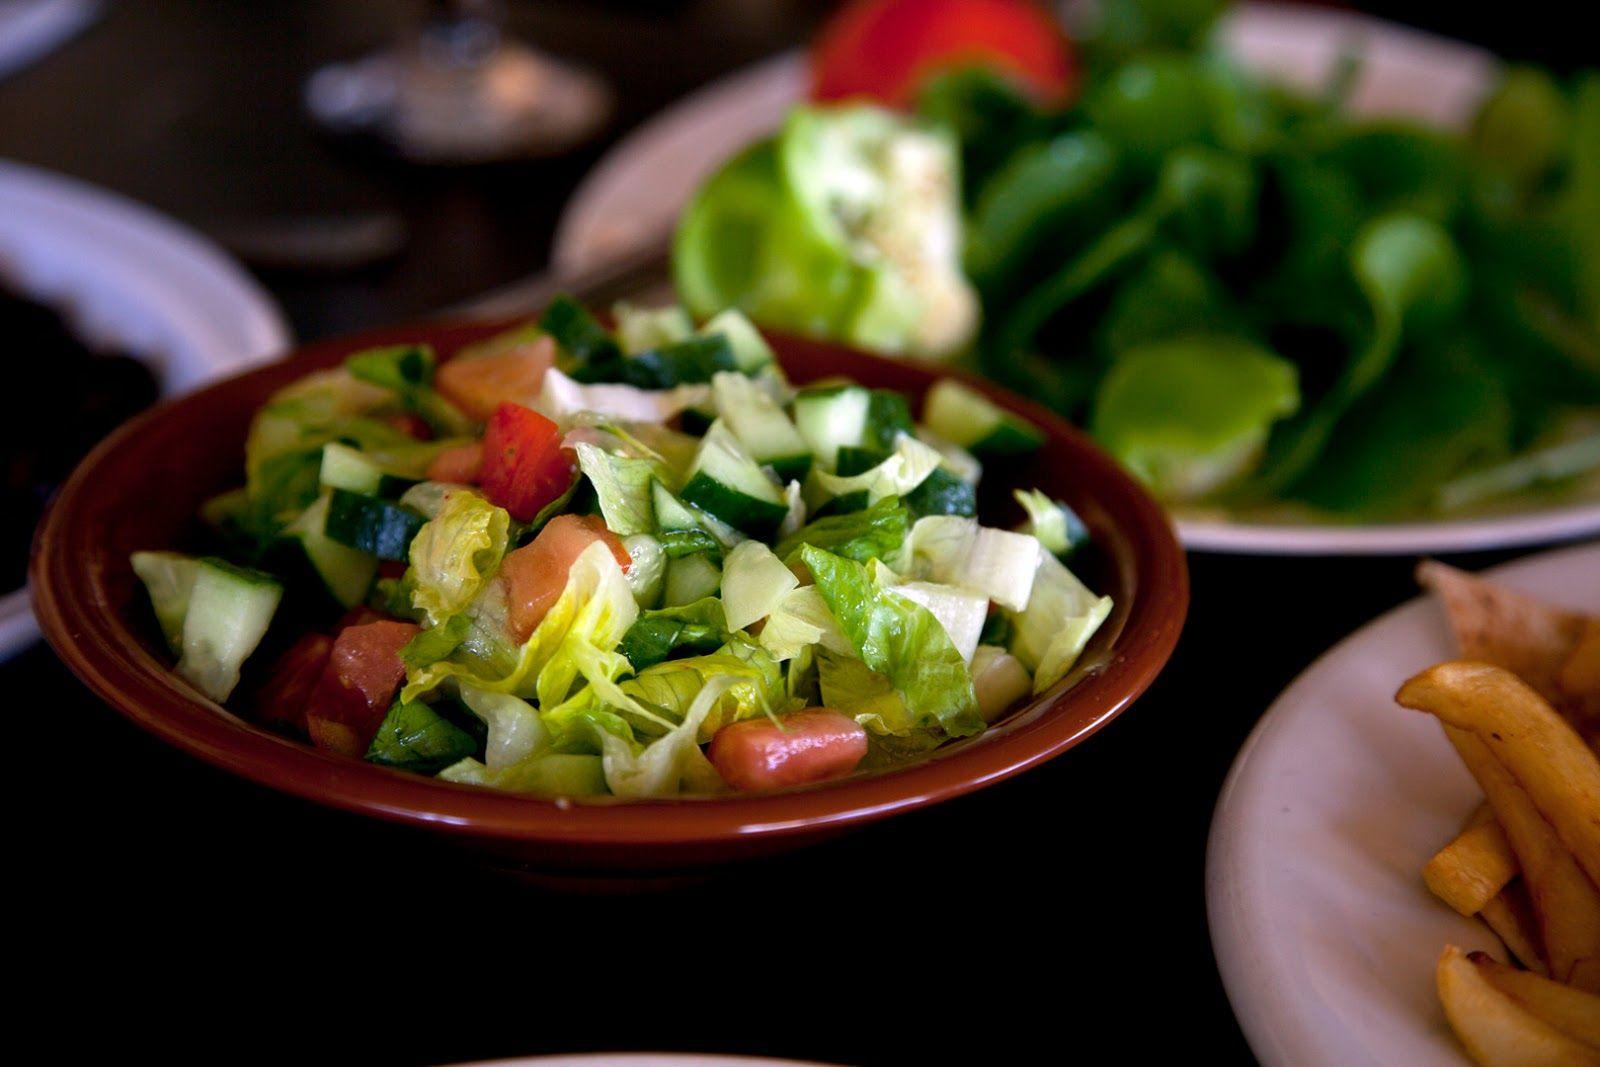 Les 25 meilleures id es de la cat gorie r gime pauvre en glucides sur pinterest plan de repas - Aliments faibles en glucides ...